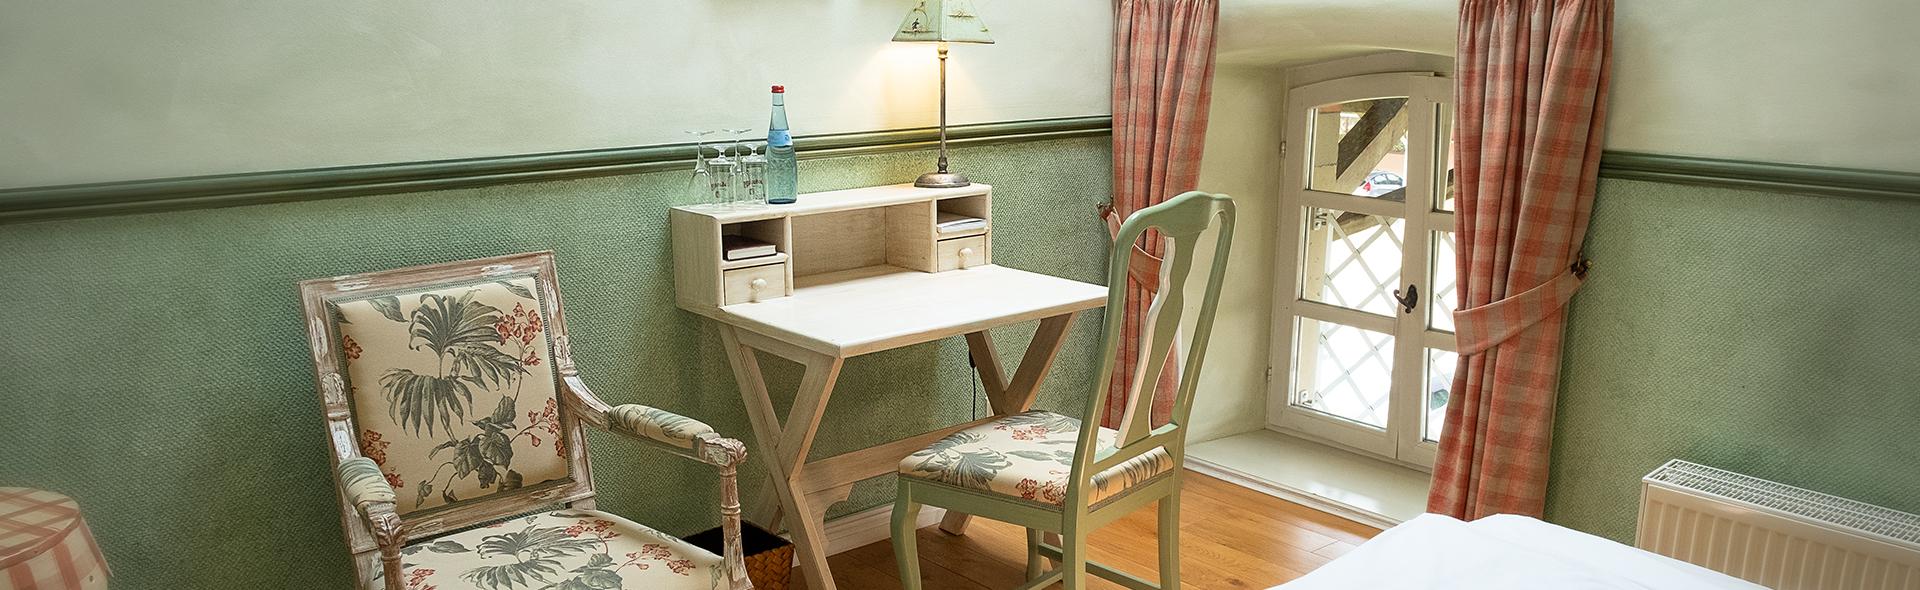 Ein Stuhl steht an einem Sekretär in einem grün tapezierten Raum